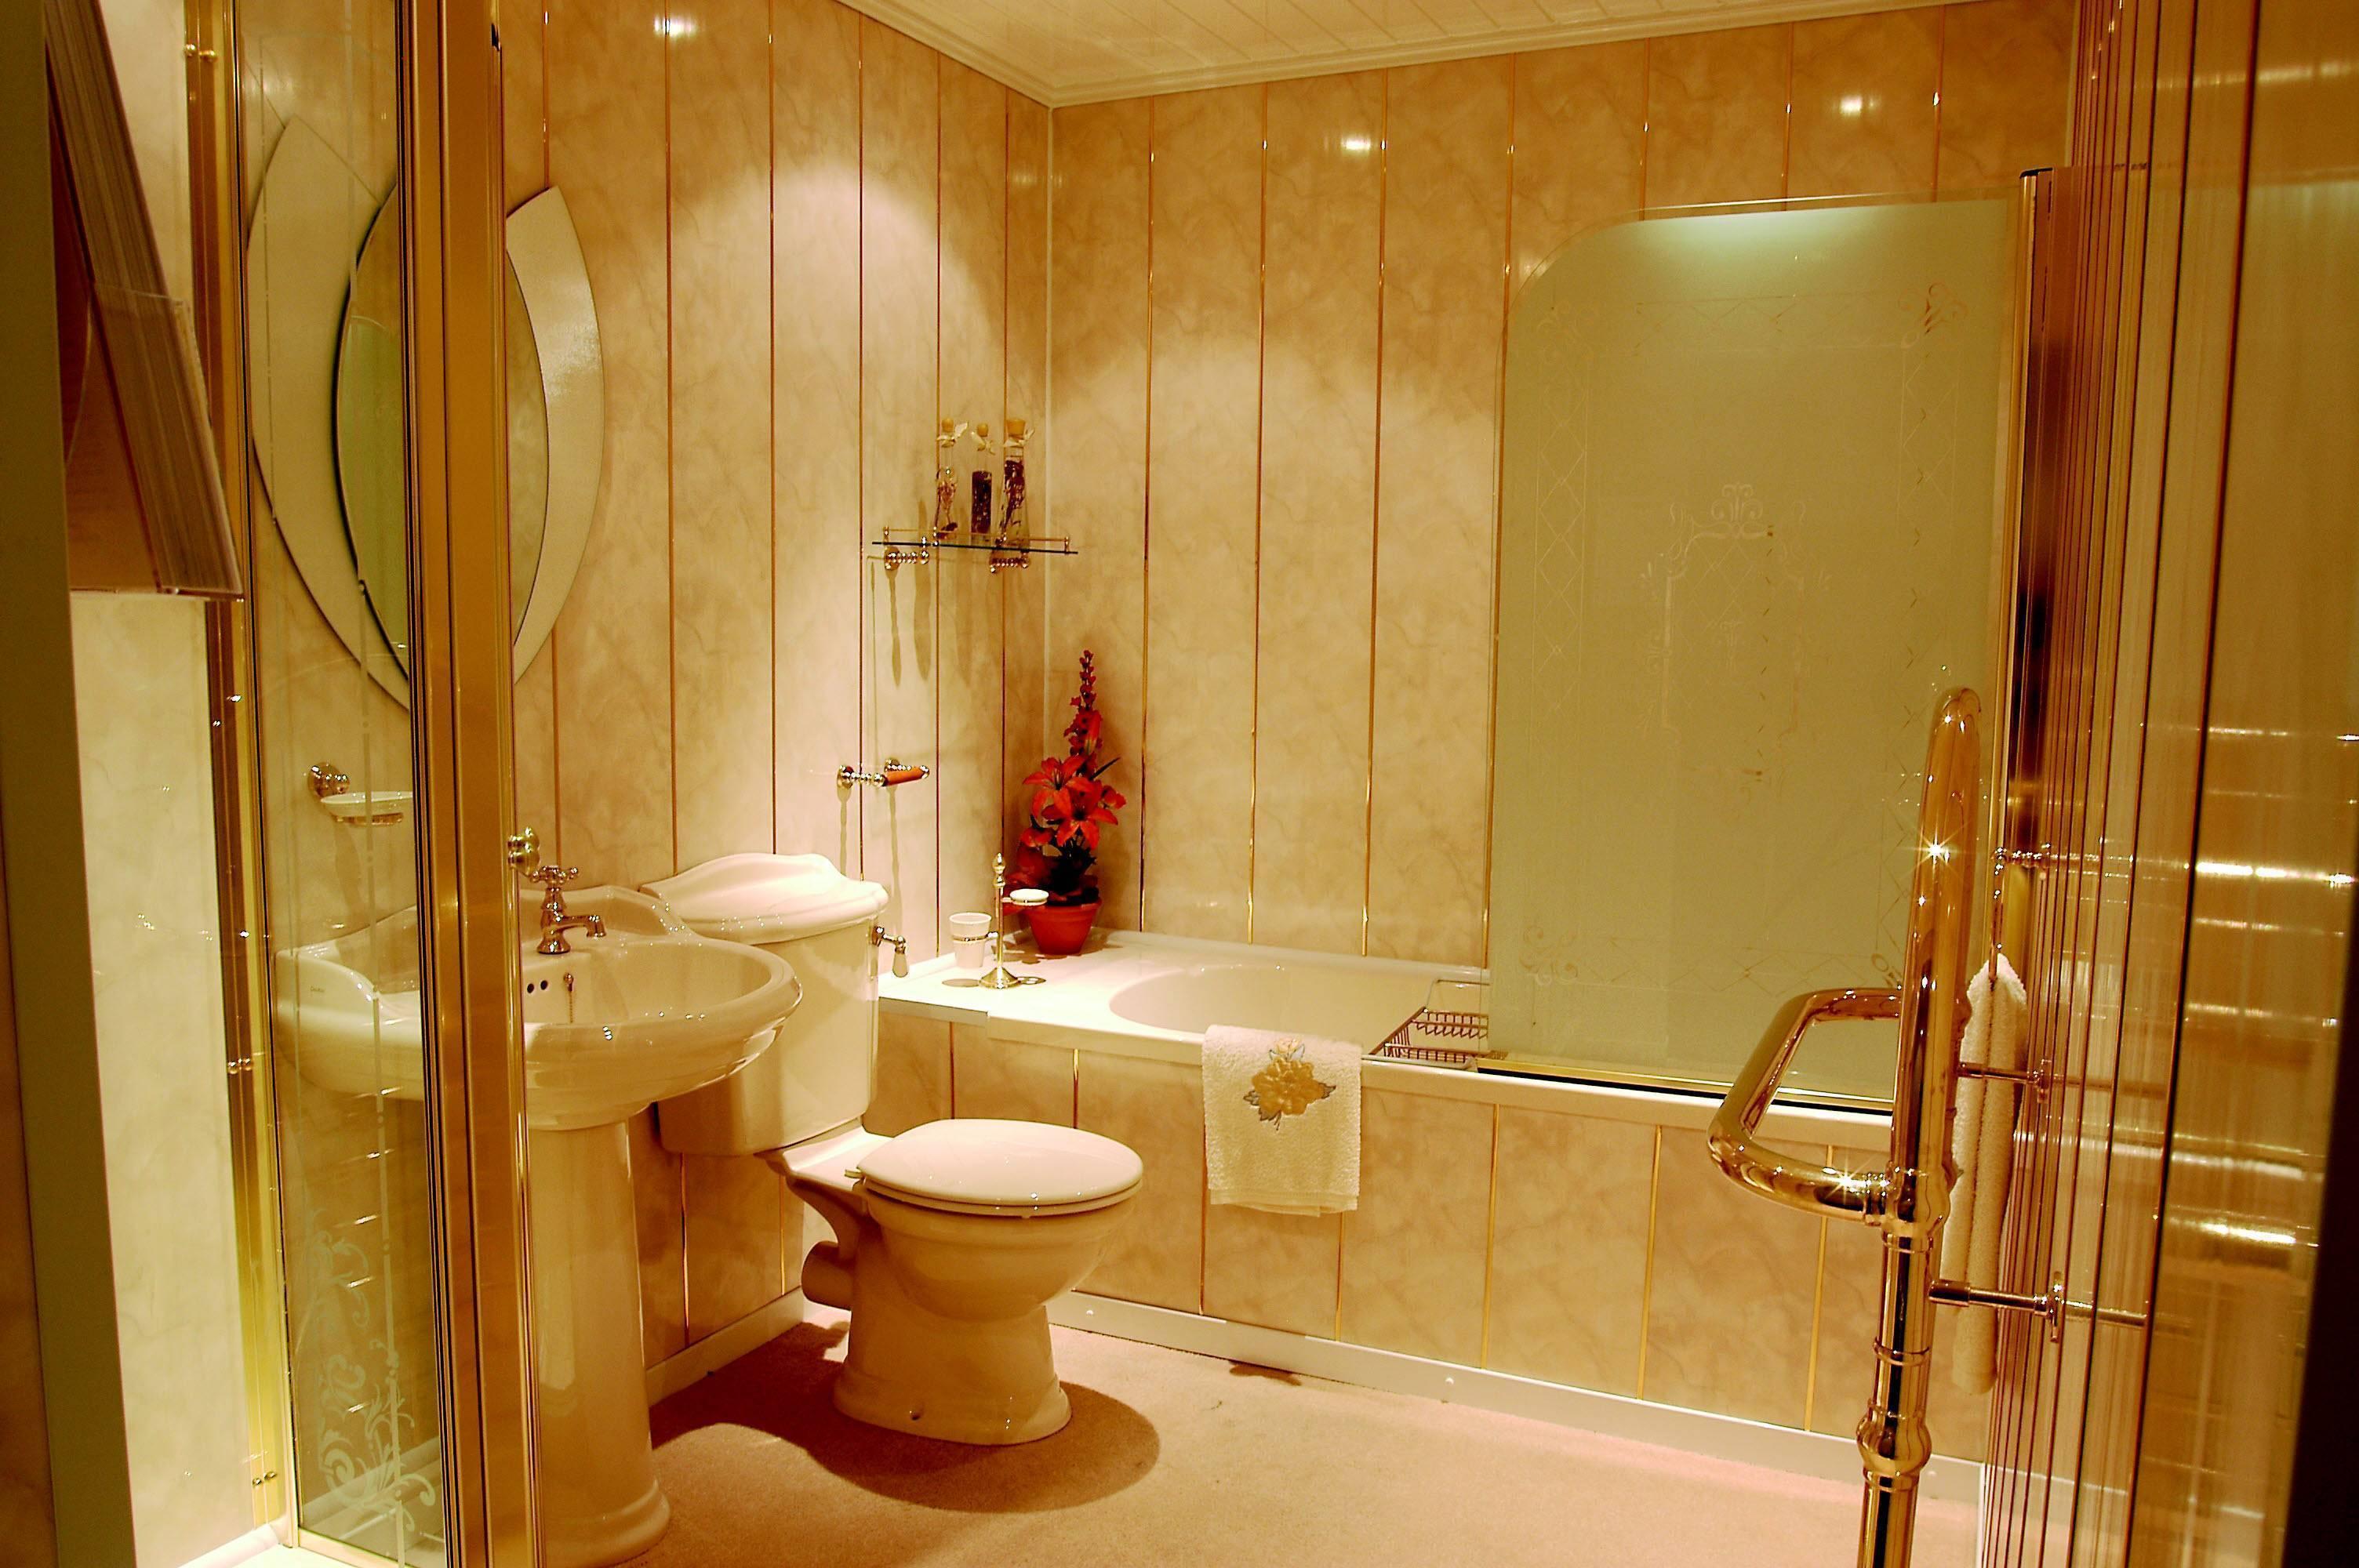 22 материала для отделки ванной комнаты: стены, пол и потолок